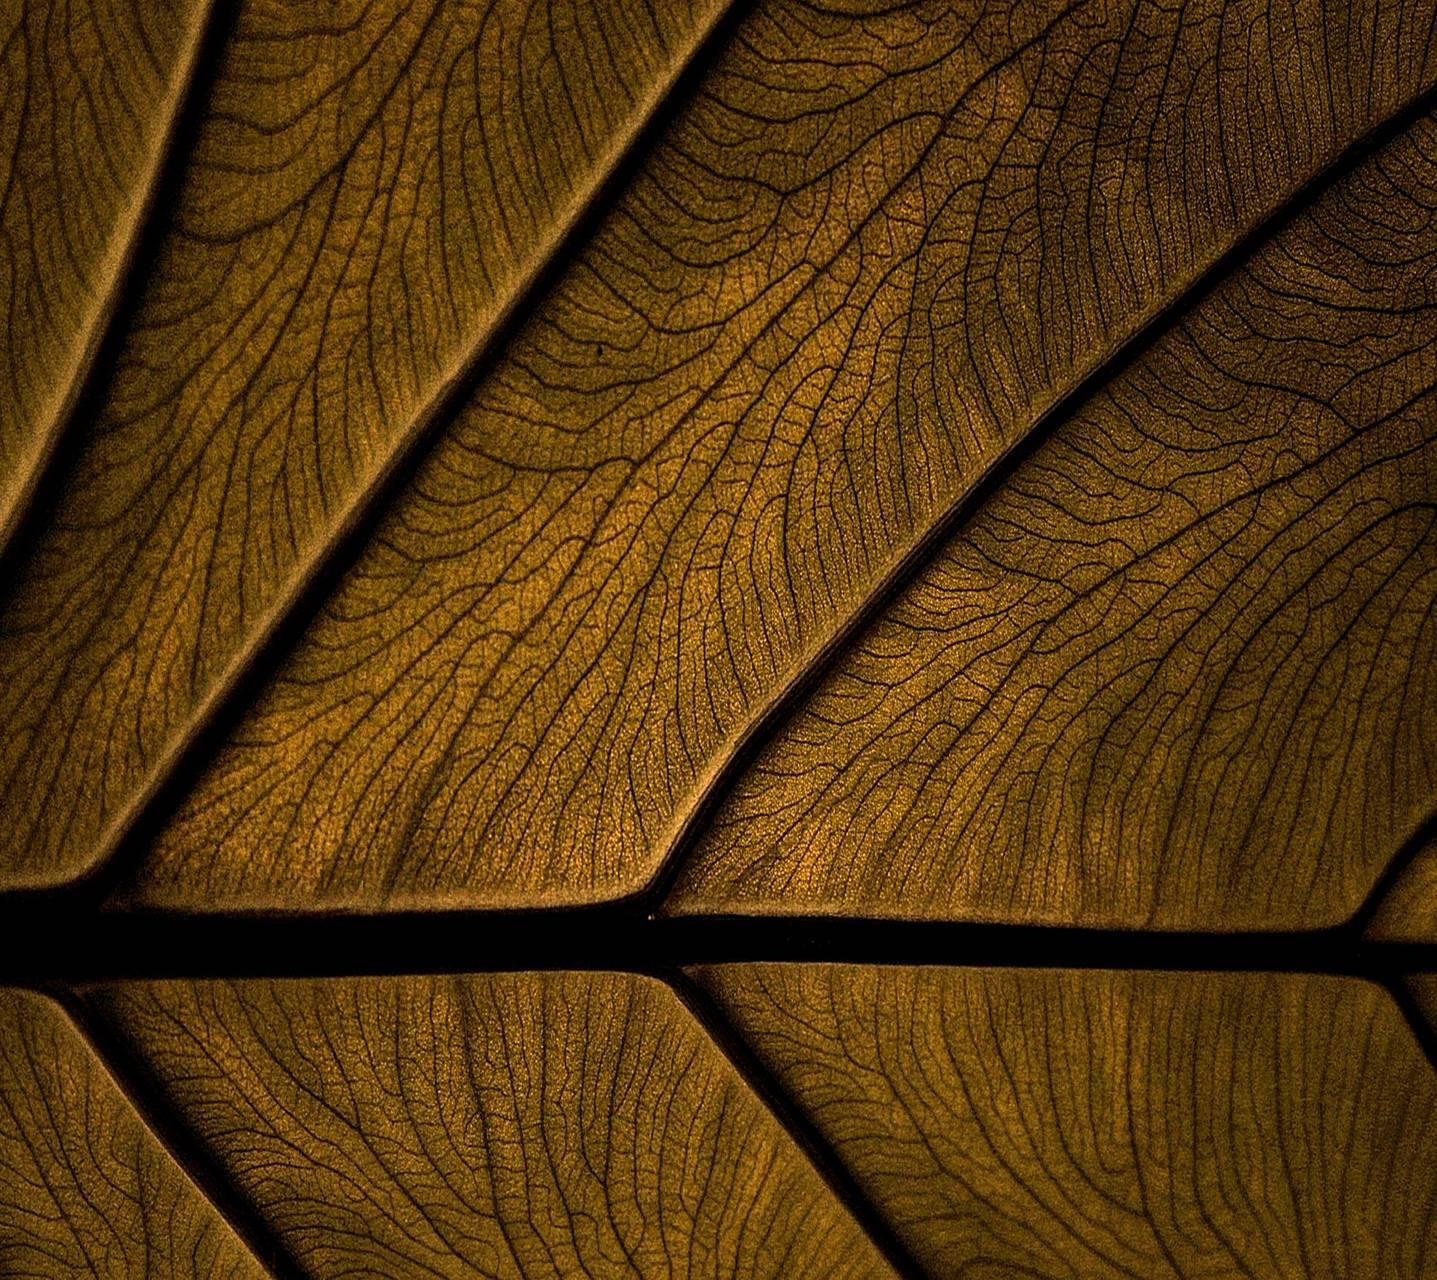 Brown wallpaper